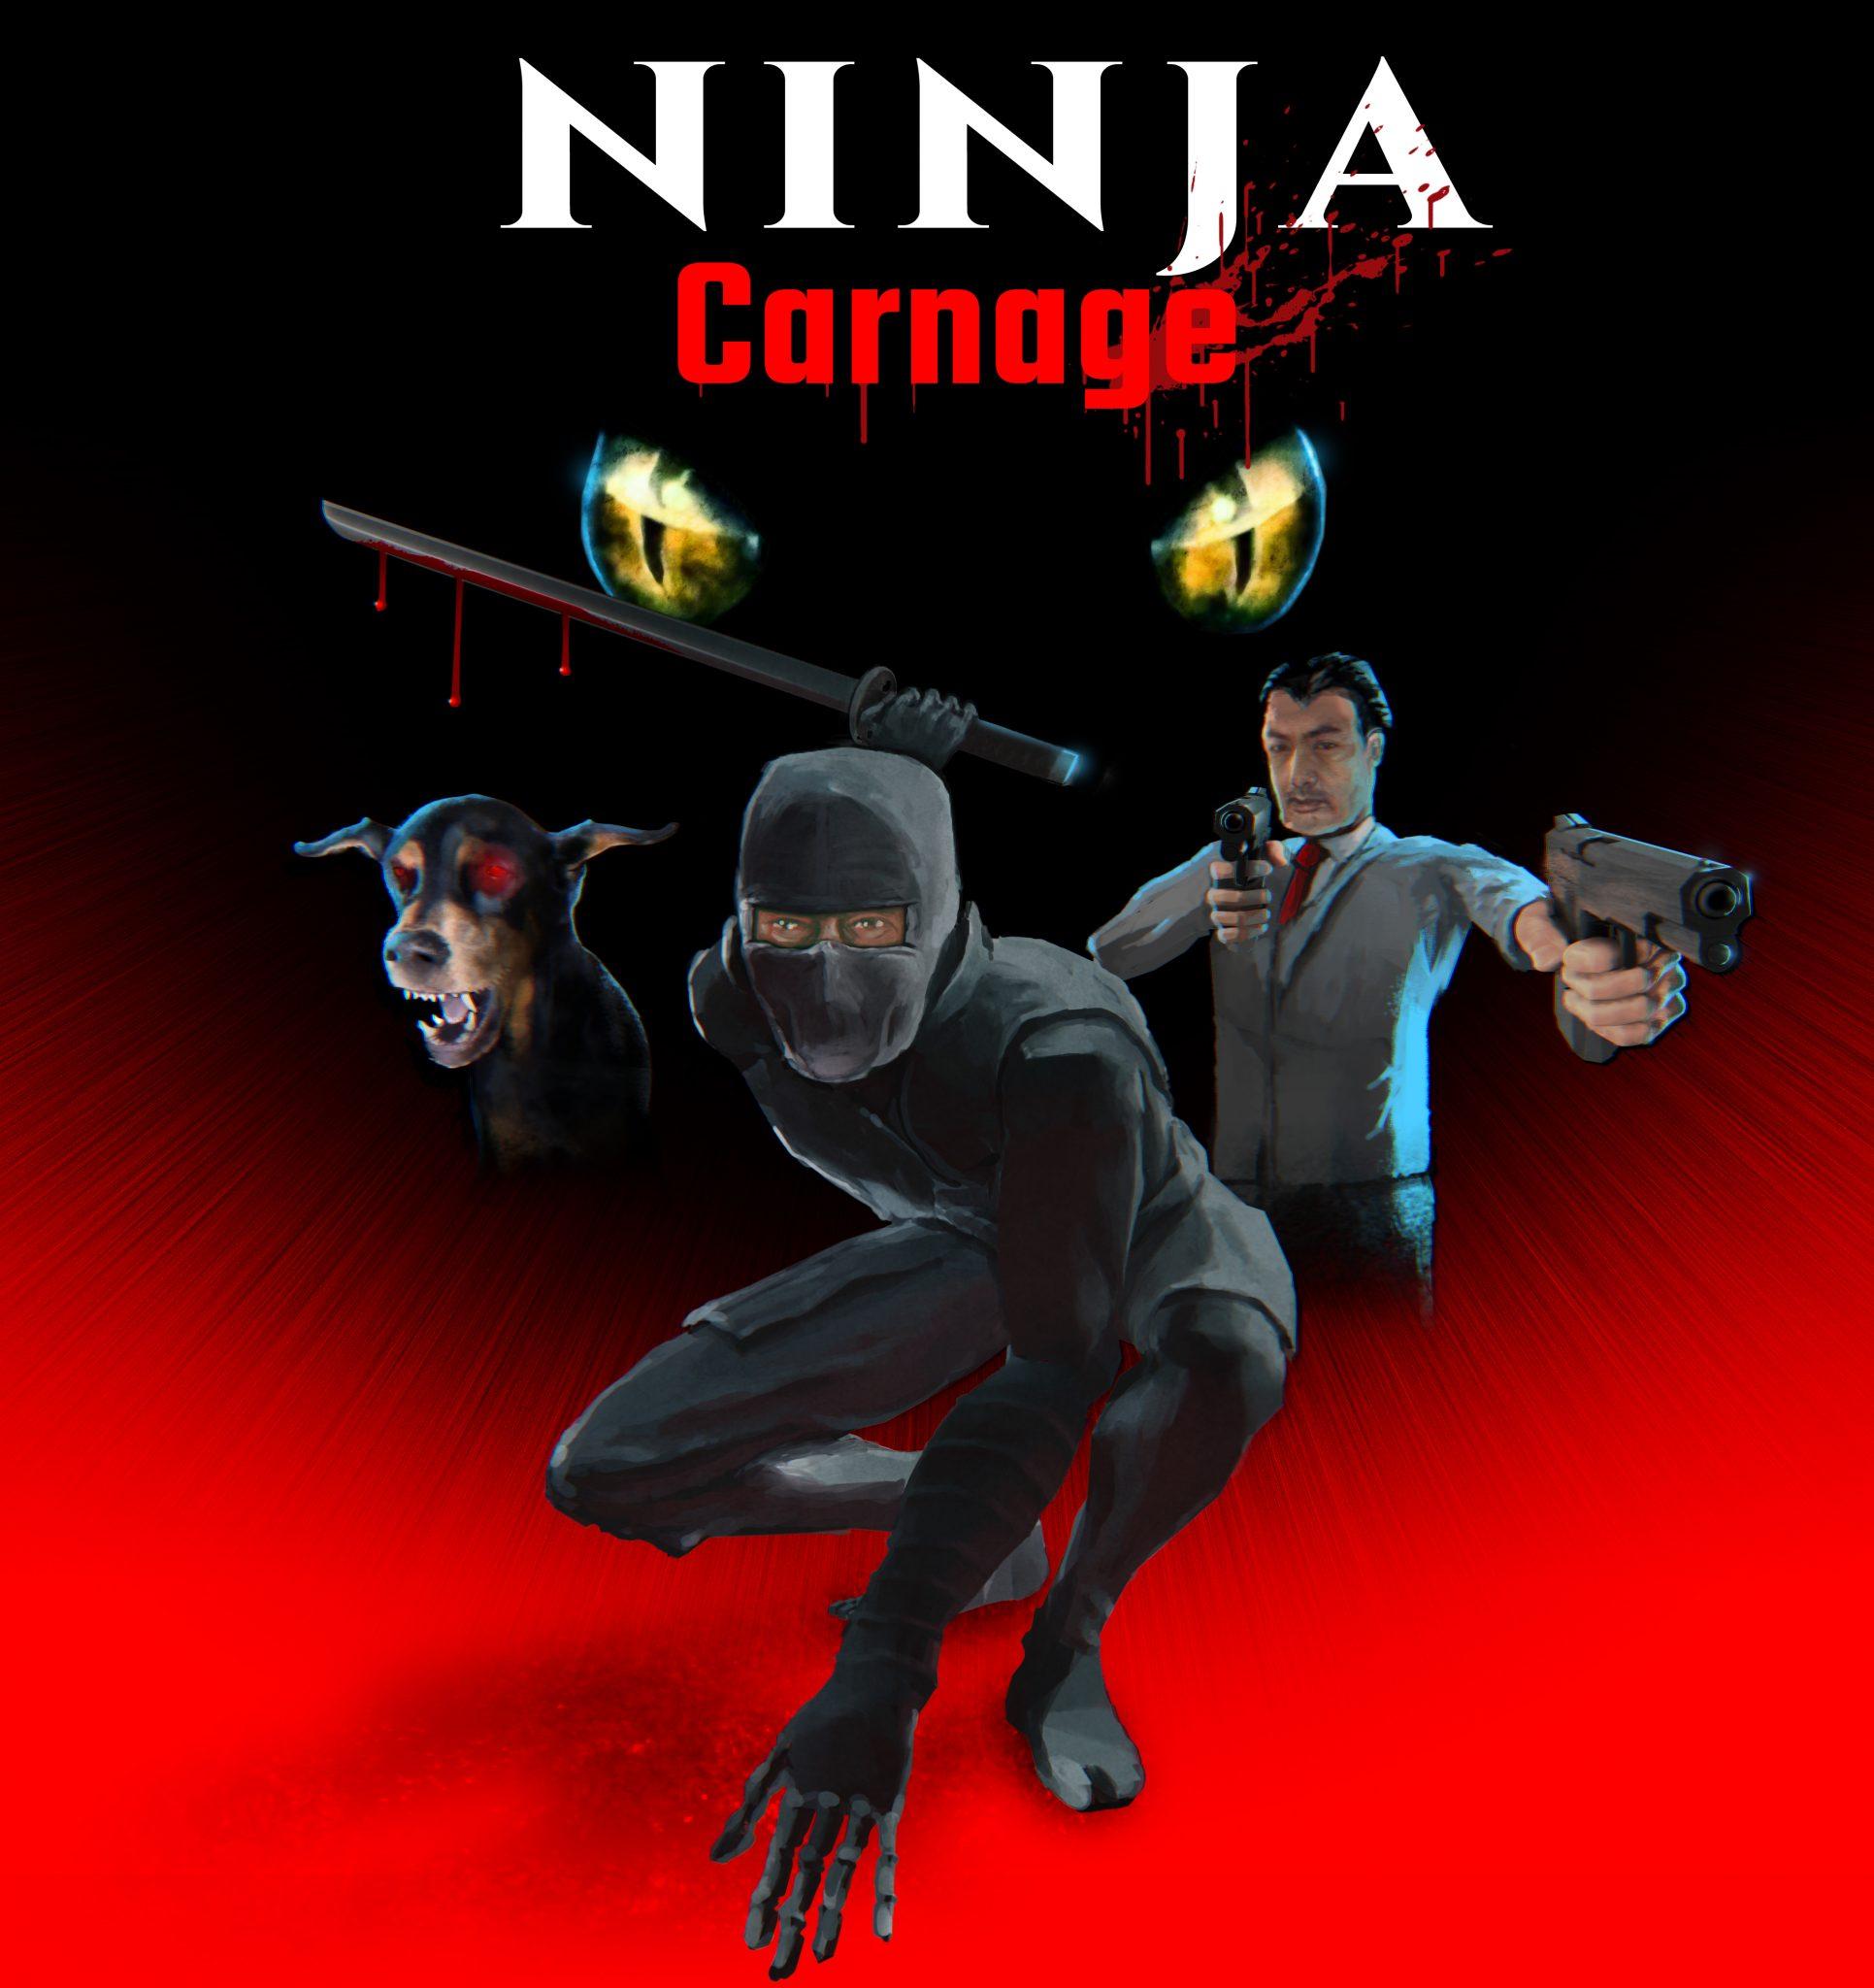 NinjaCarnage